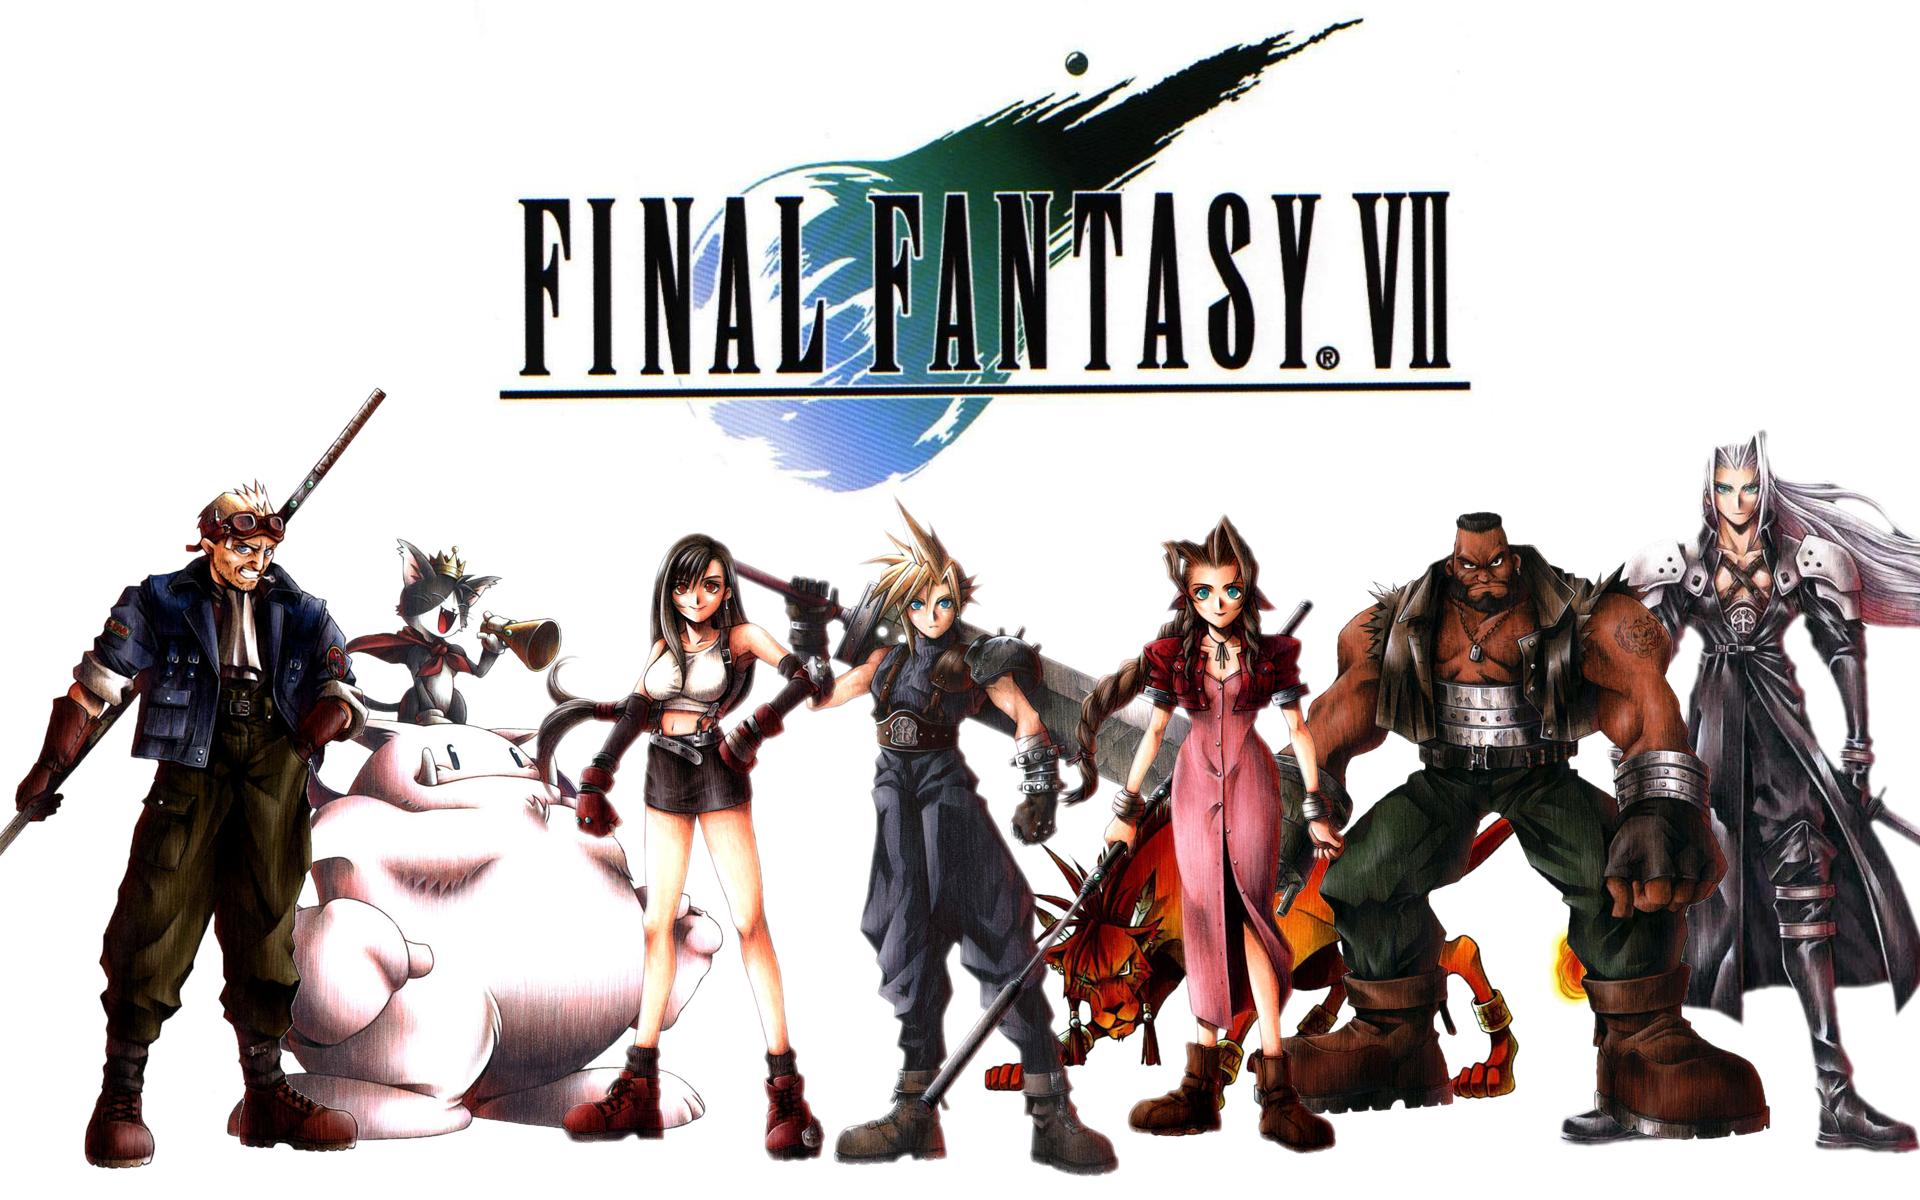 Remake di Final Fantasy VII all'E3 2015? Square Enix già al lavoro